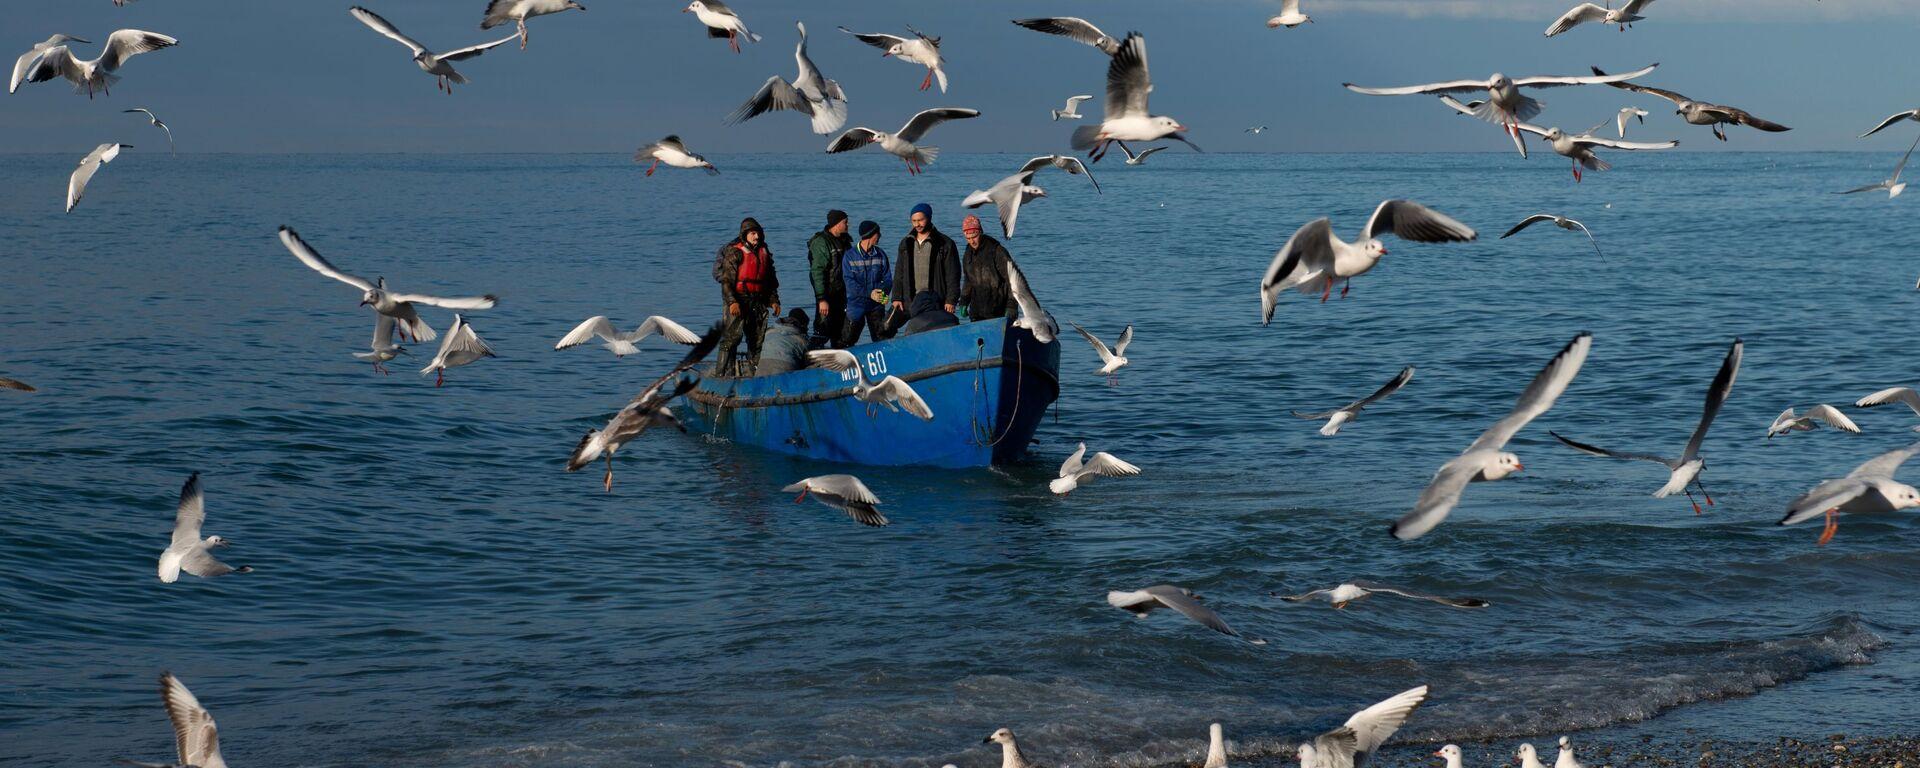 Рыбаки возвращаются после ловли рыбы в Черном море, Сочи - Sputnik Узбекистан, 1920, 25.09.2021